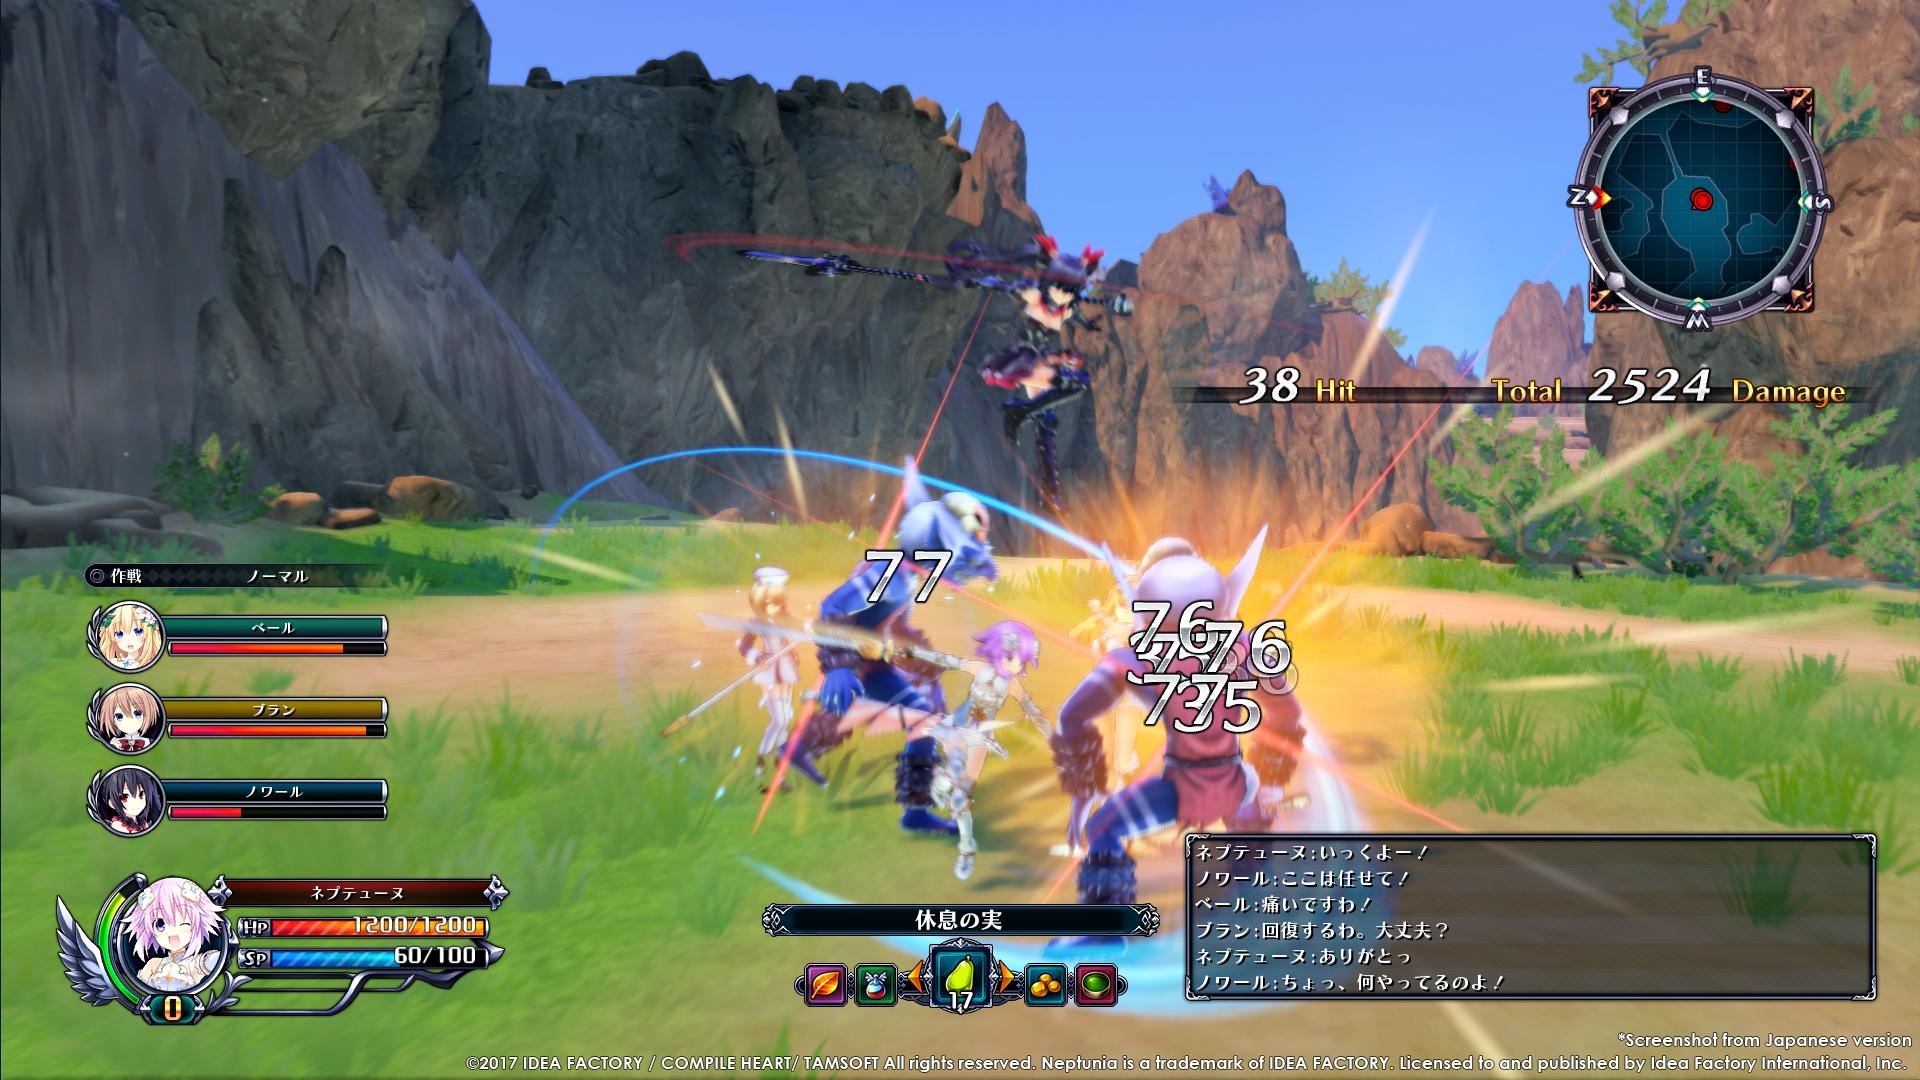 Cyberdimension Neptunia: 4 Goddesses Online dorazí koncem roku 140036